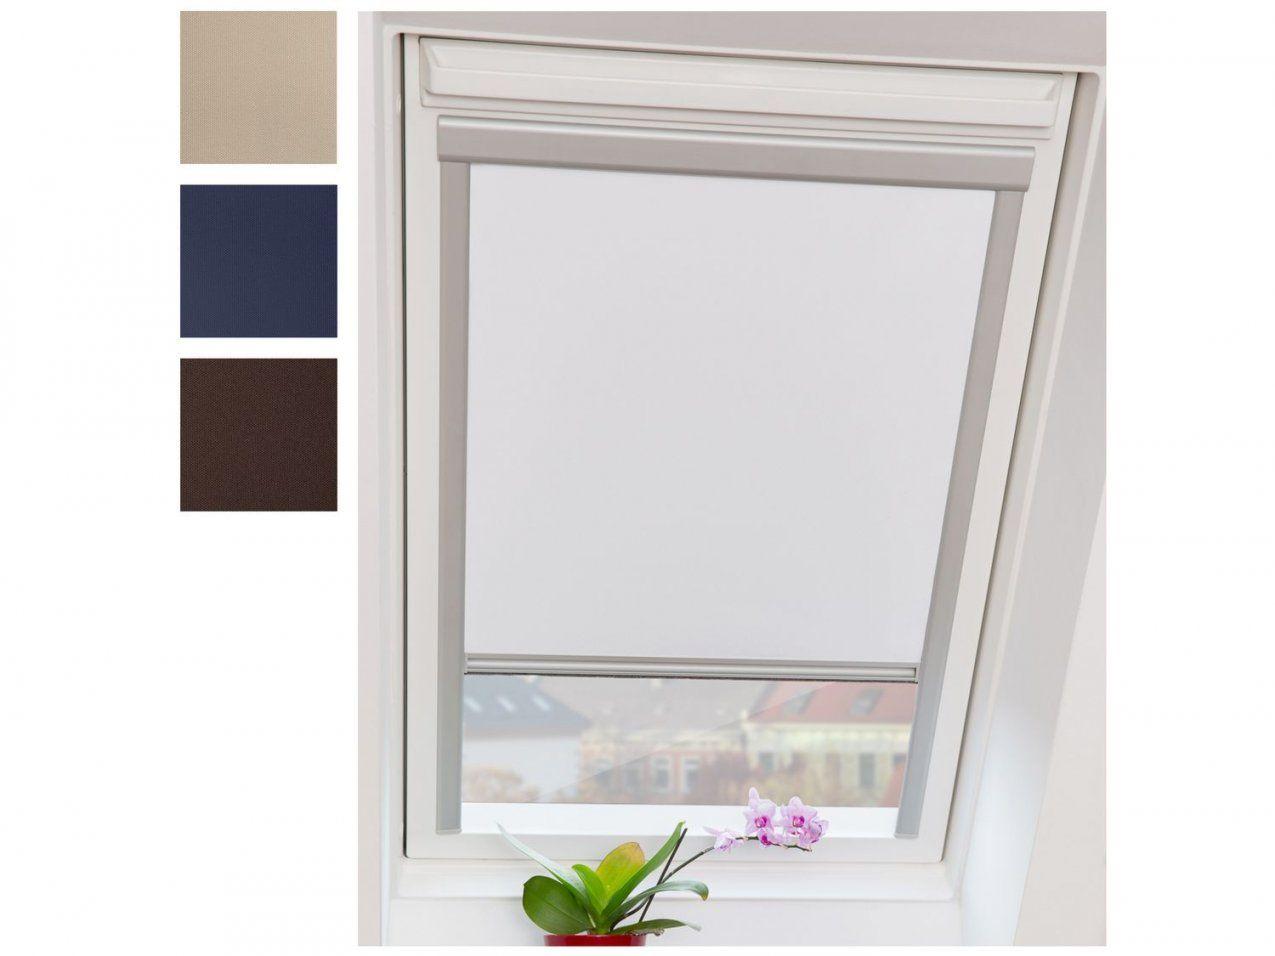 Dachfensterrollos  Lidl Deutschland  Lidl von Fenster Abdunkeln Ohne Bohren Bild